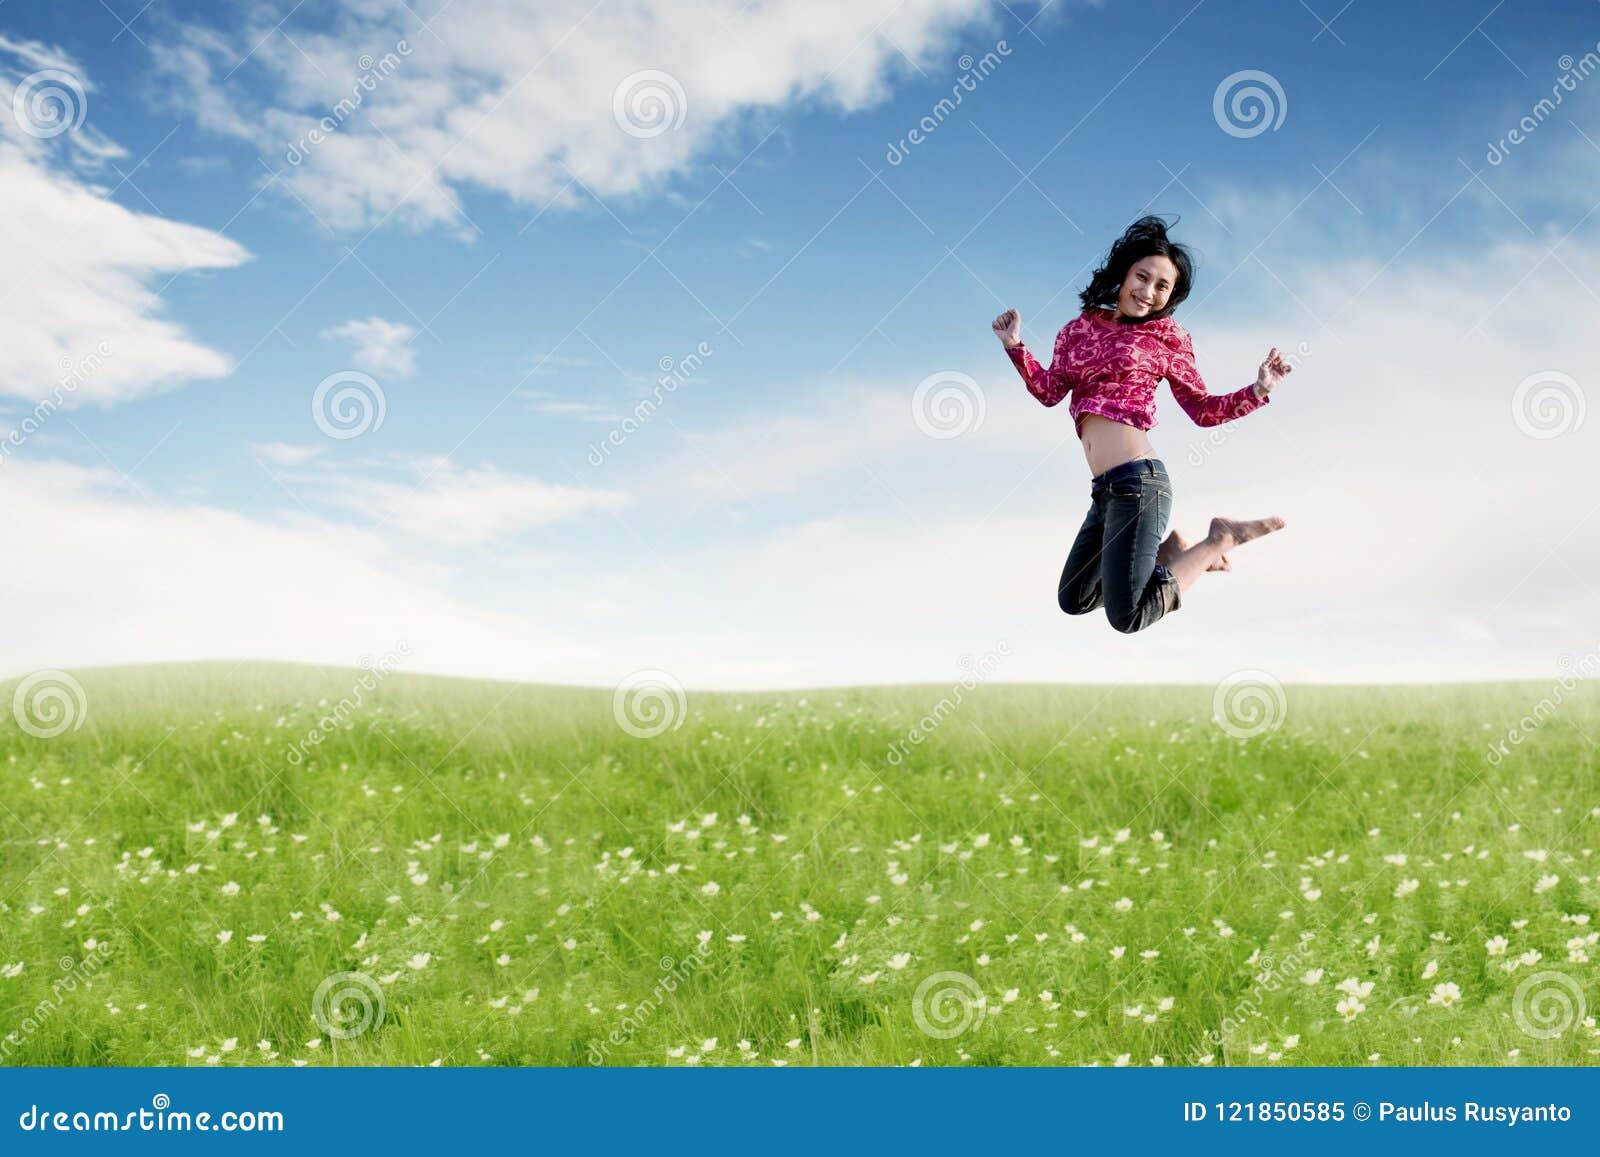 Mulher asiática despreocupada que faz um salto grande no prado